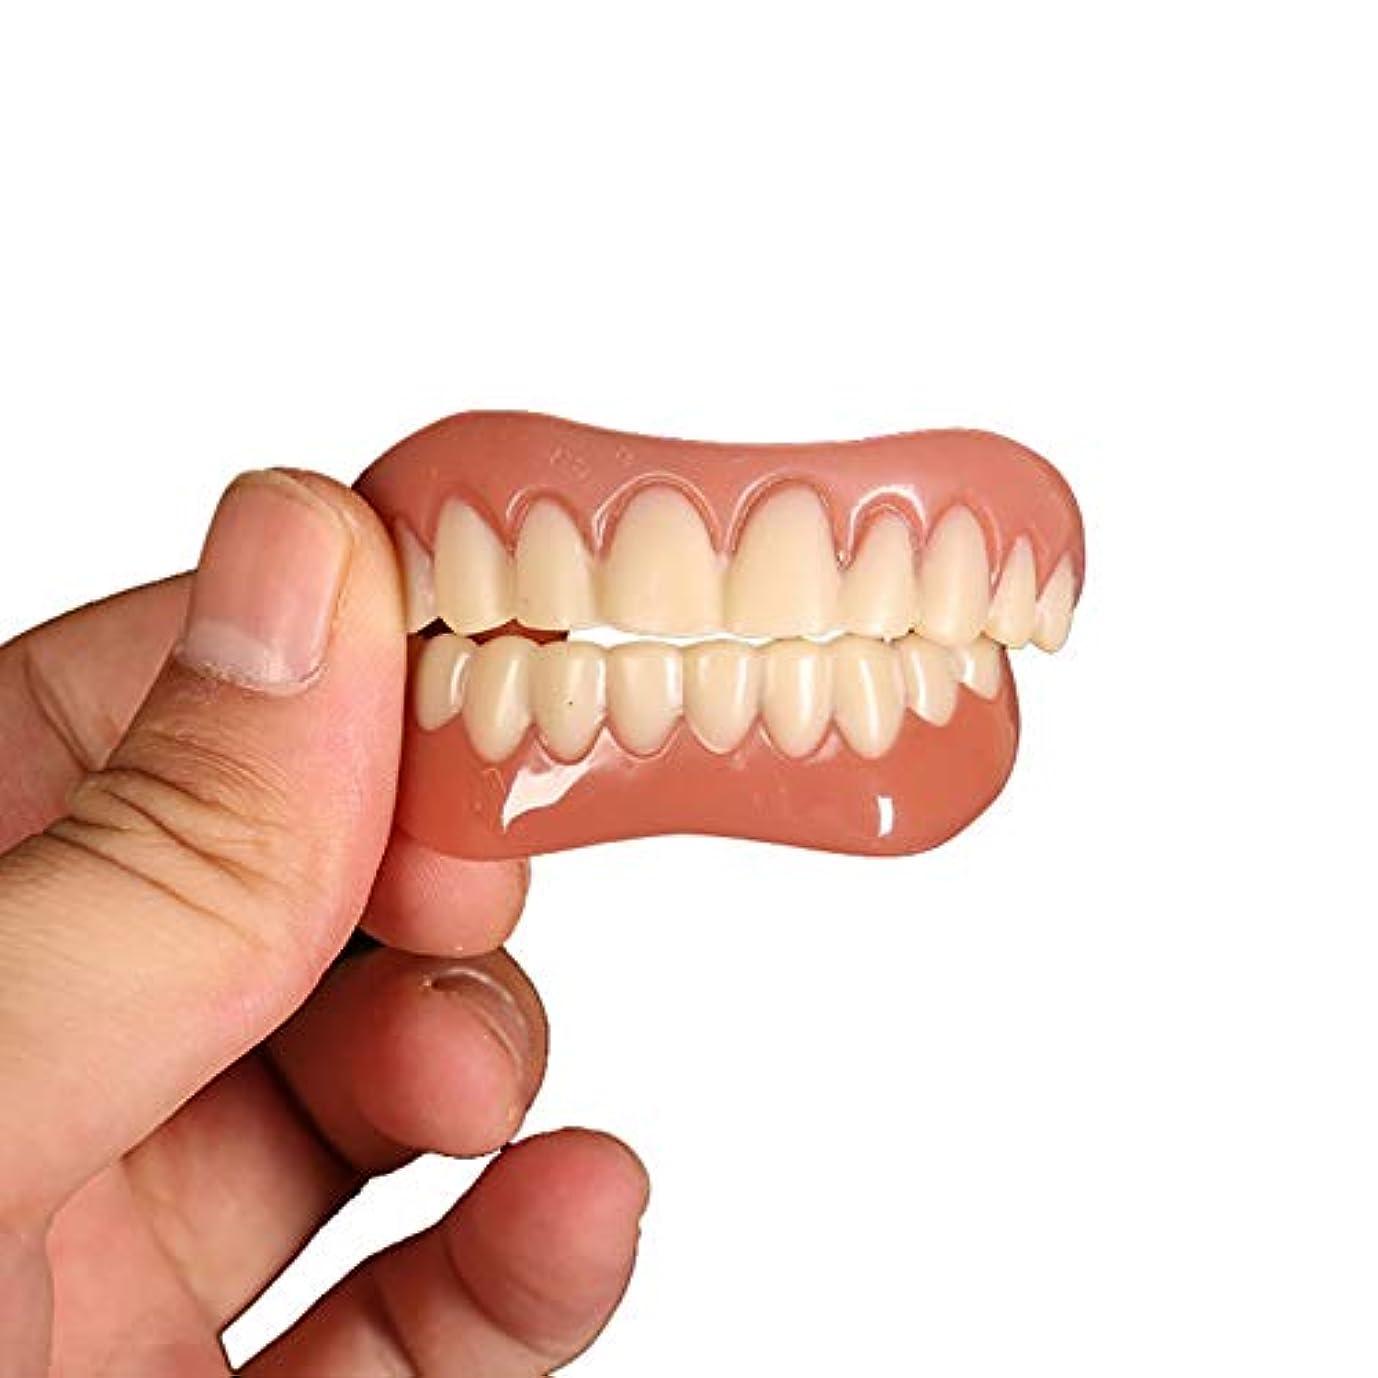 偏見プレミアム香ばしい2対歯科用ベニア快適なフィット歯のトップとボトム化粧品のベニヤワンサイズフィットすべての義歯接着剤歯偽義歯歯笑顔